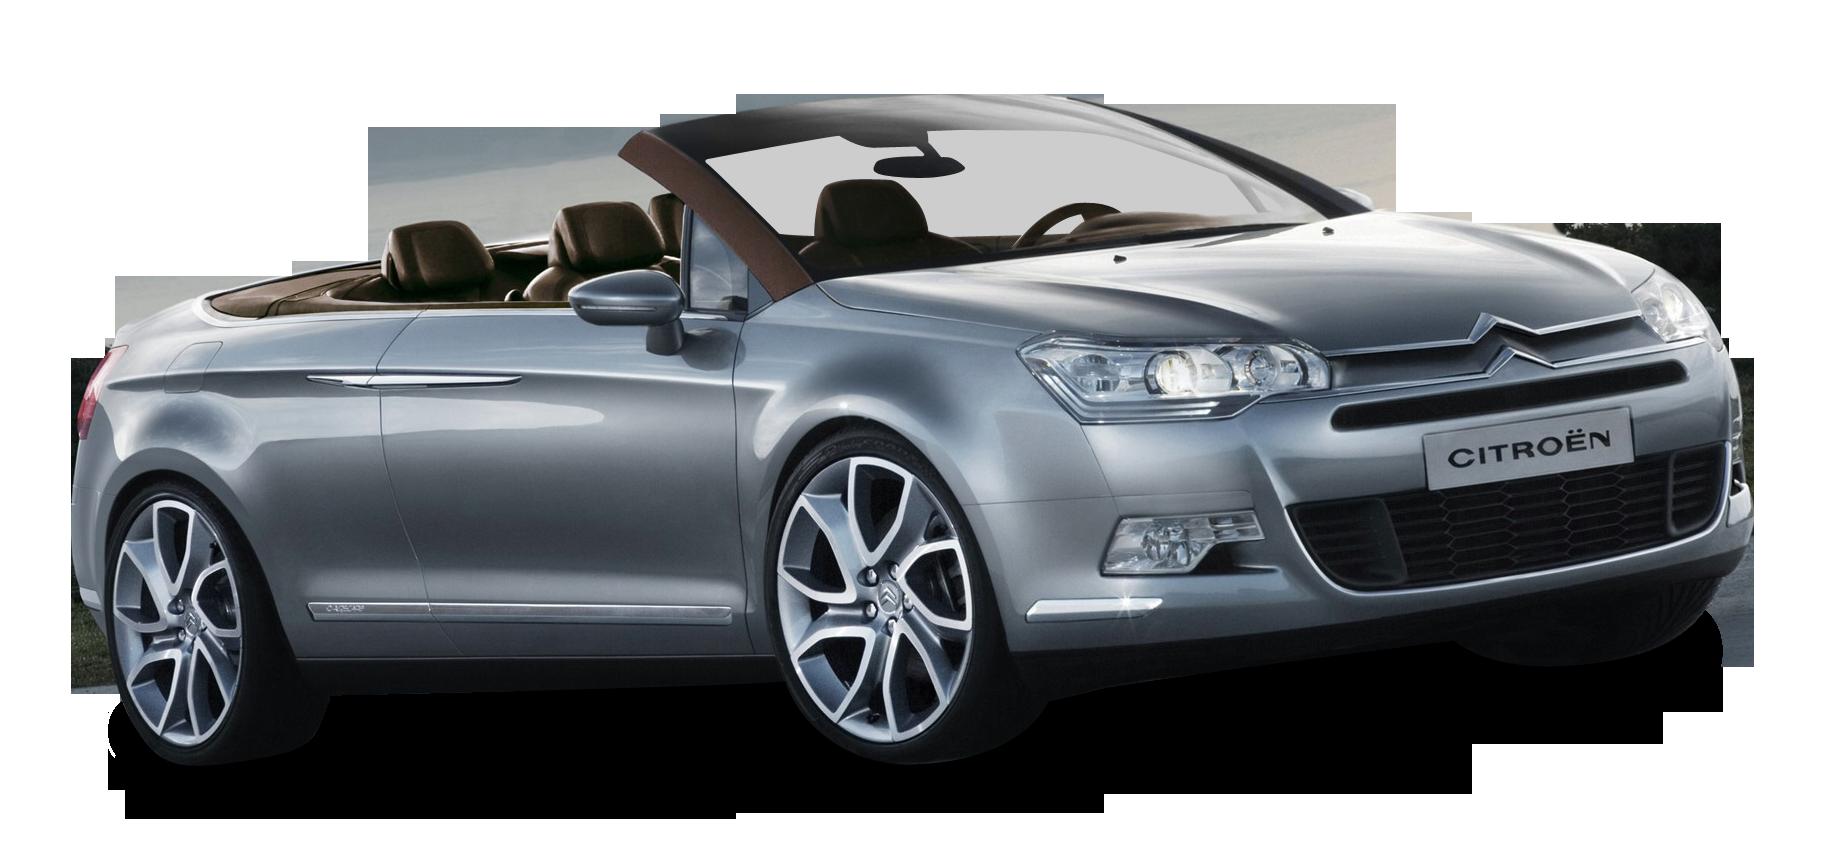 Grey car clipart clip Citroen C5 Airscape Grey Car PNG Image - PurePNG | Free transparent ... clip